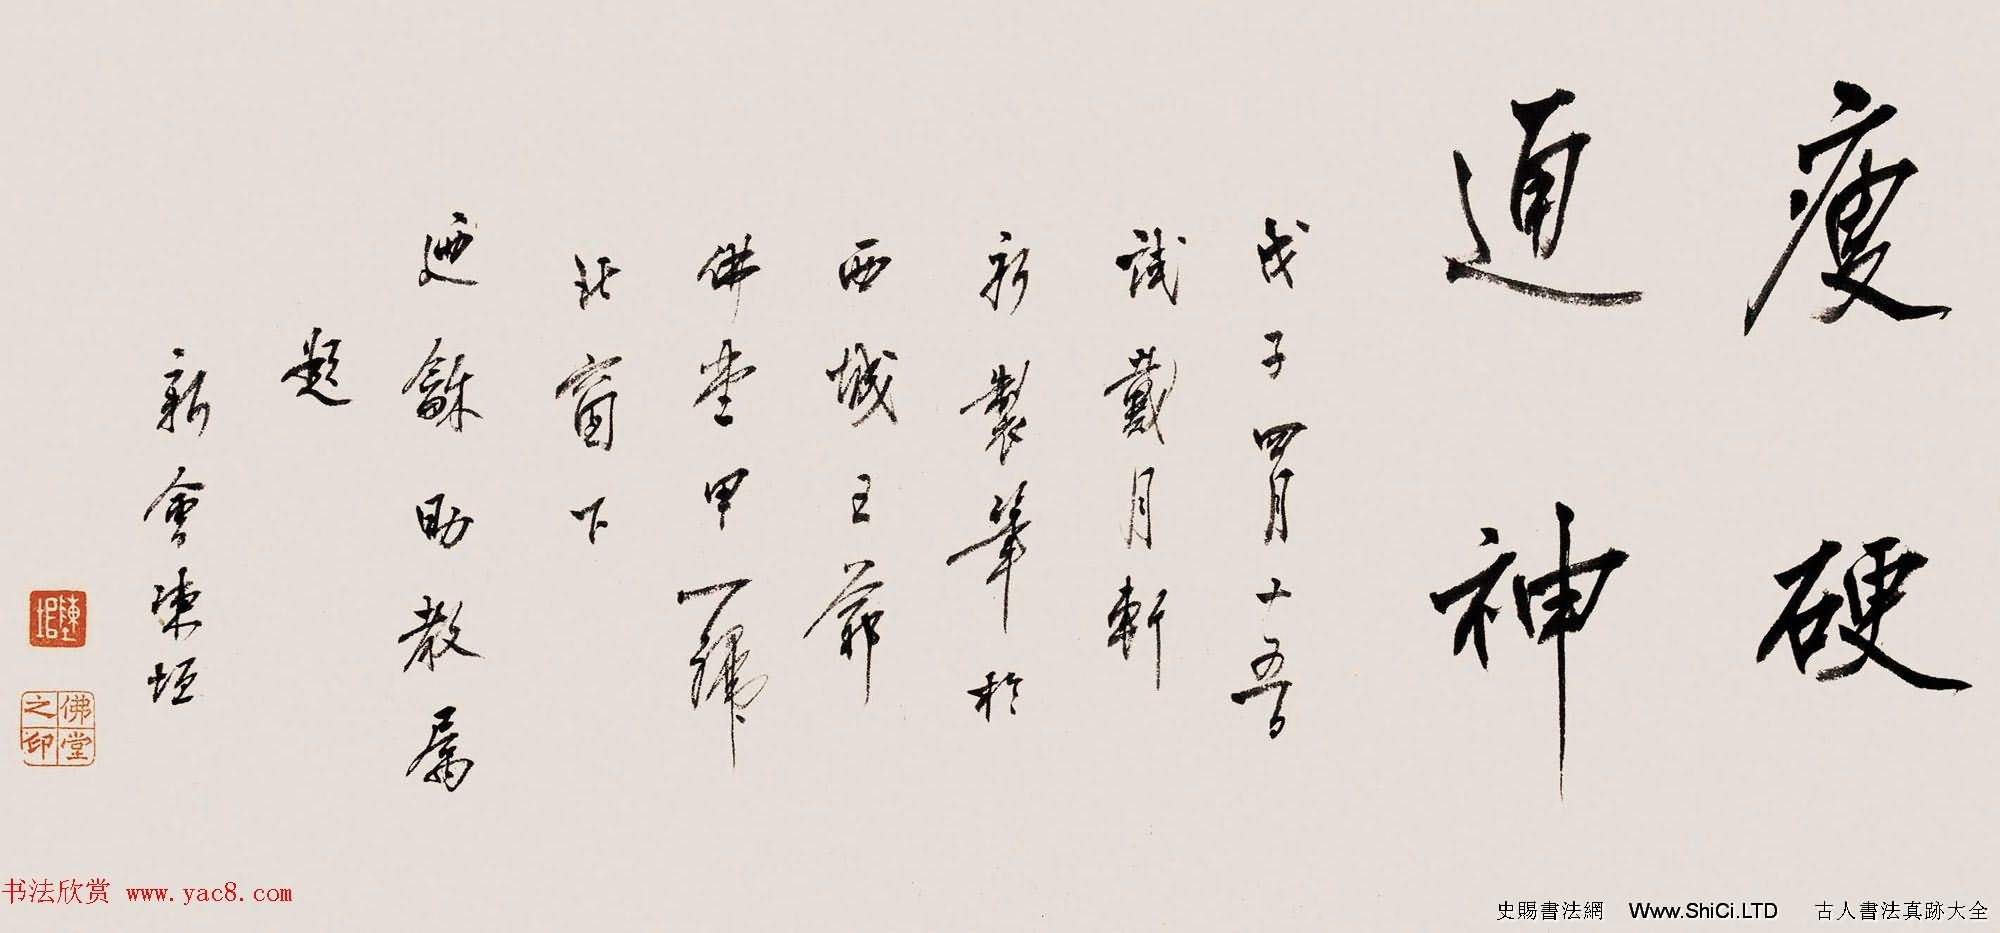 啟功師父陳垣書法墨跡真跡欣賞(共6張圖片)